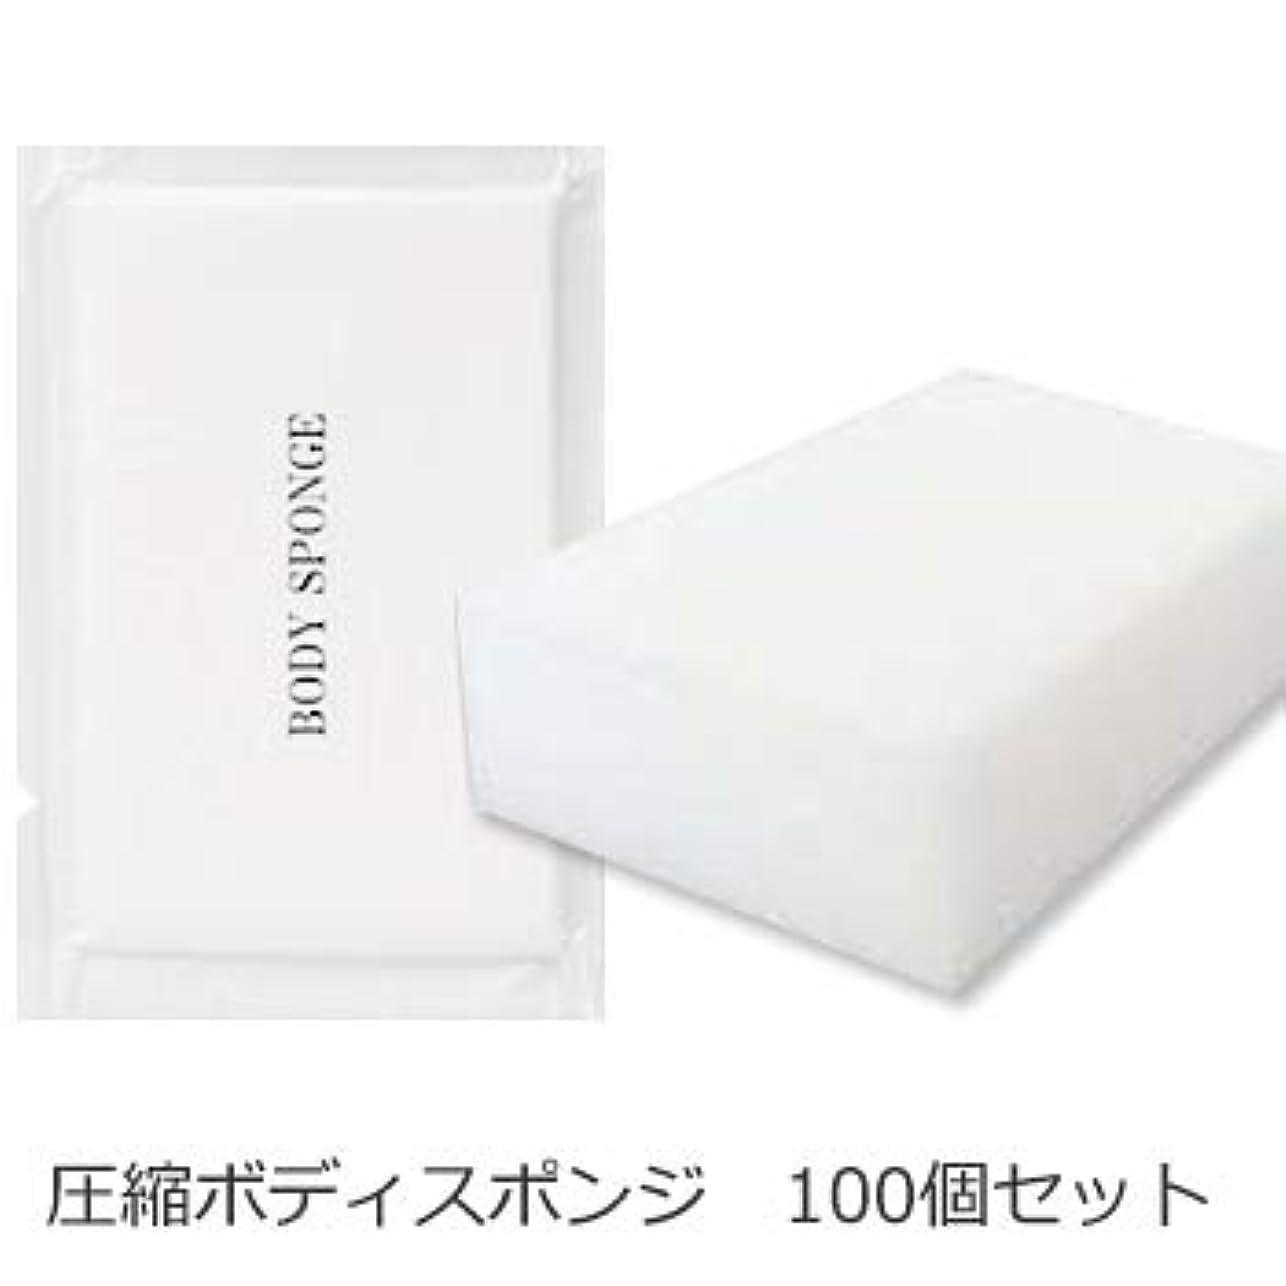 プレビュー学校教育ドラッグボディスポンジ 海綿タイプ 厚み 30mm (1セット100個入)1個当たり14円税別